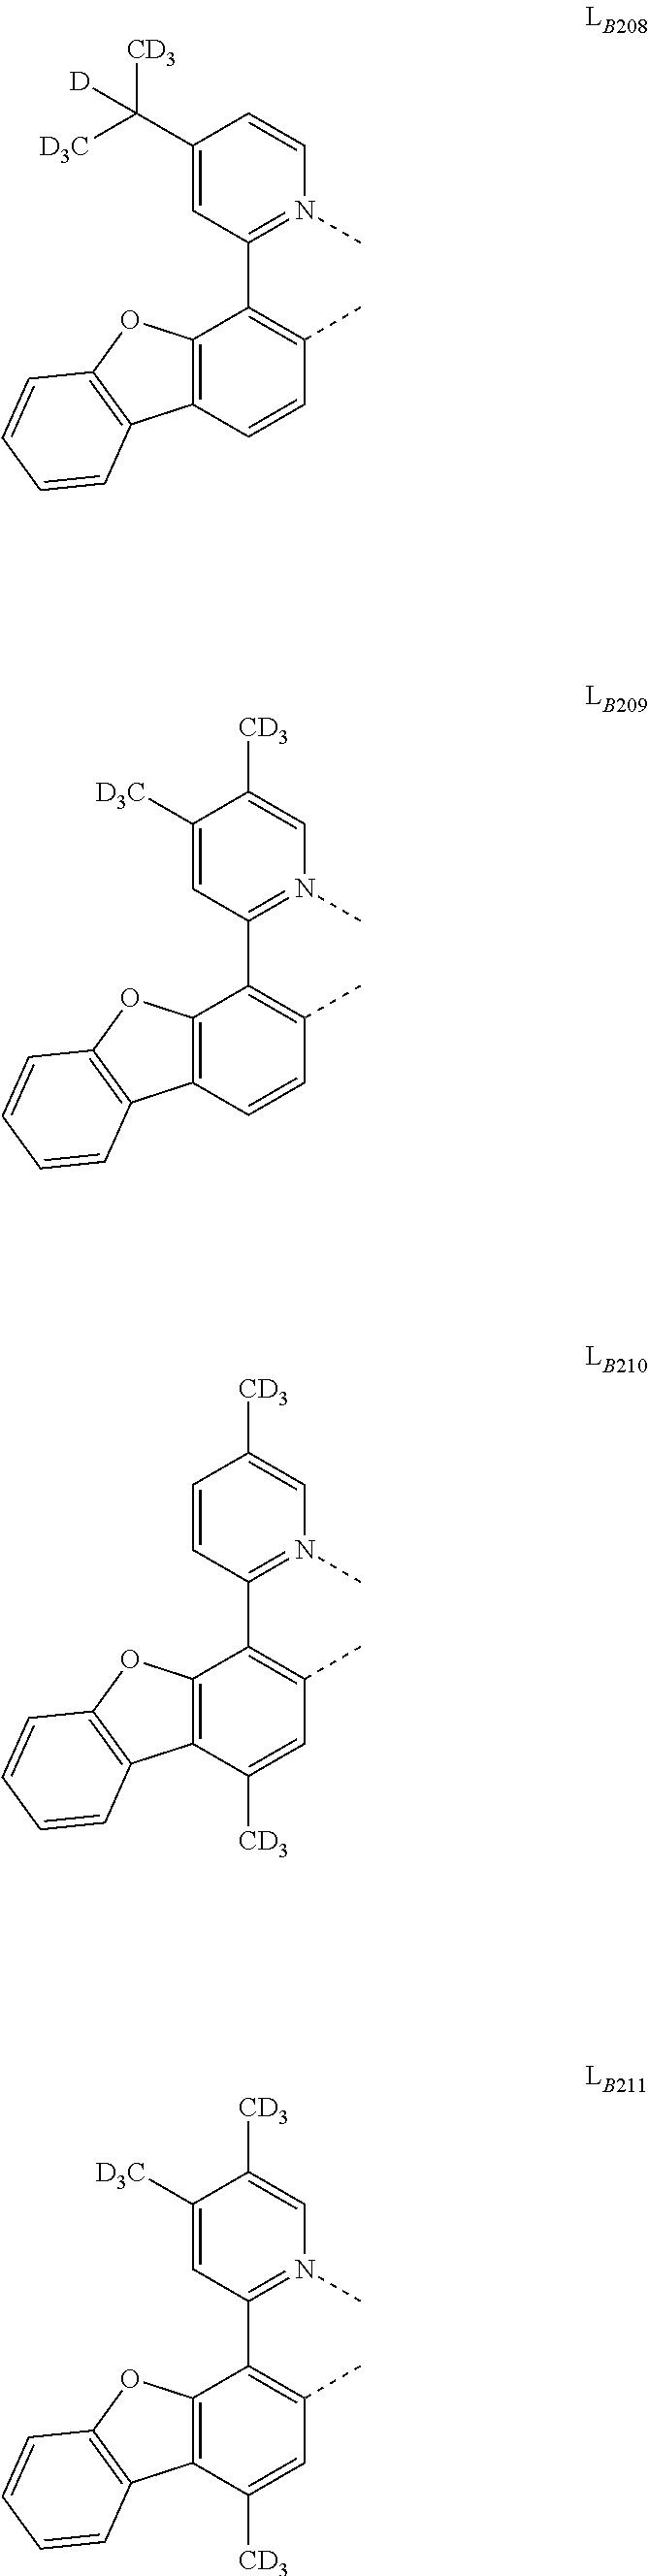 Figure US09929360-20180327-C00083